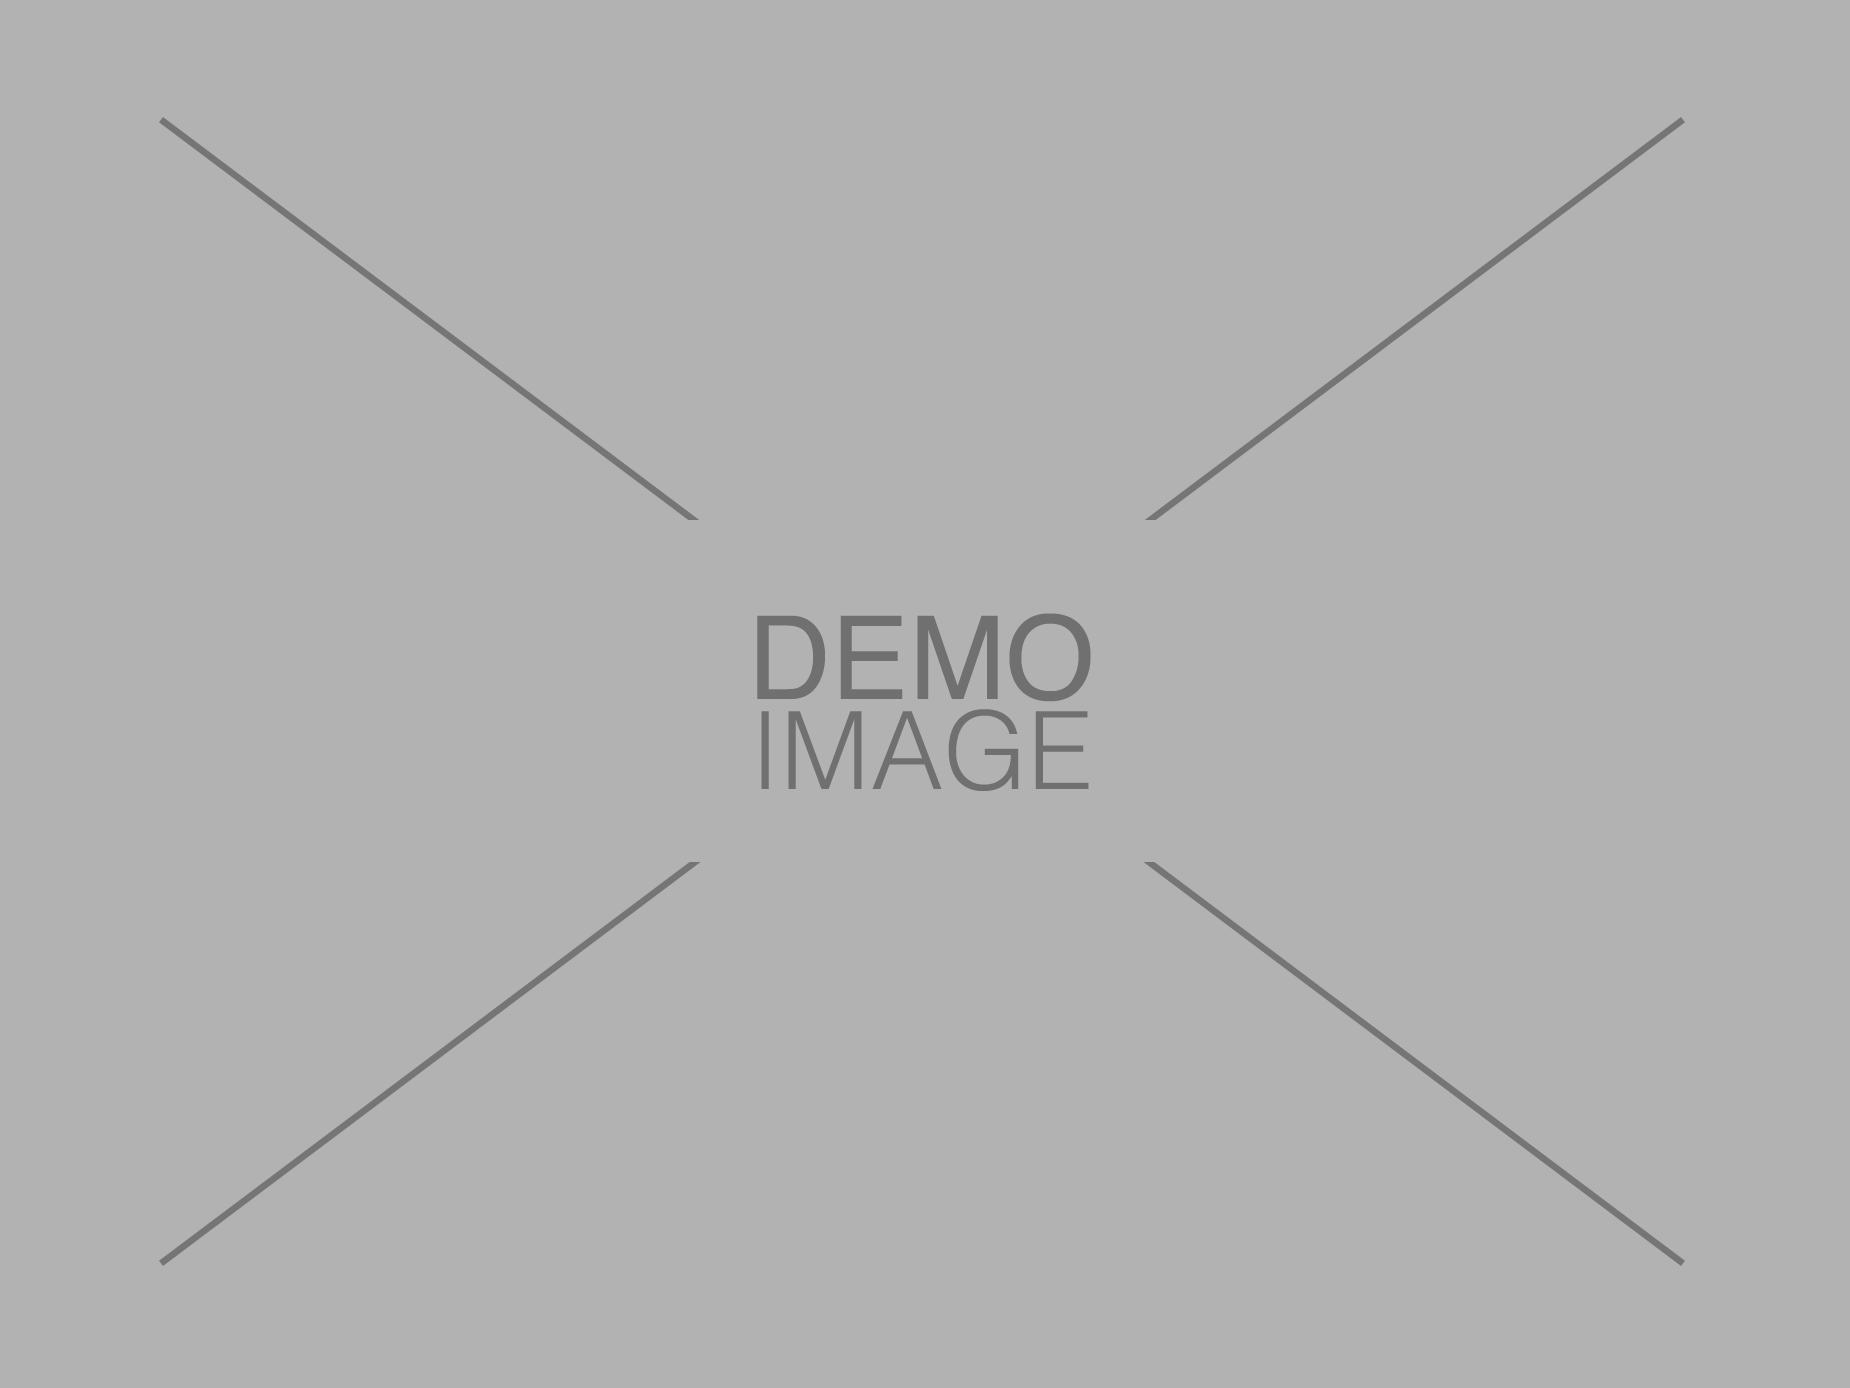 Demo Image 6